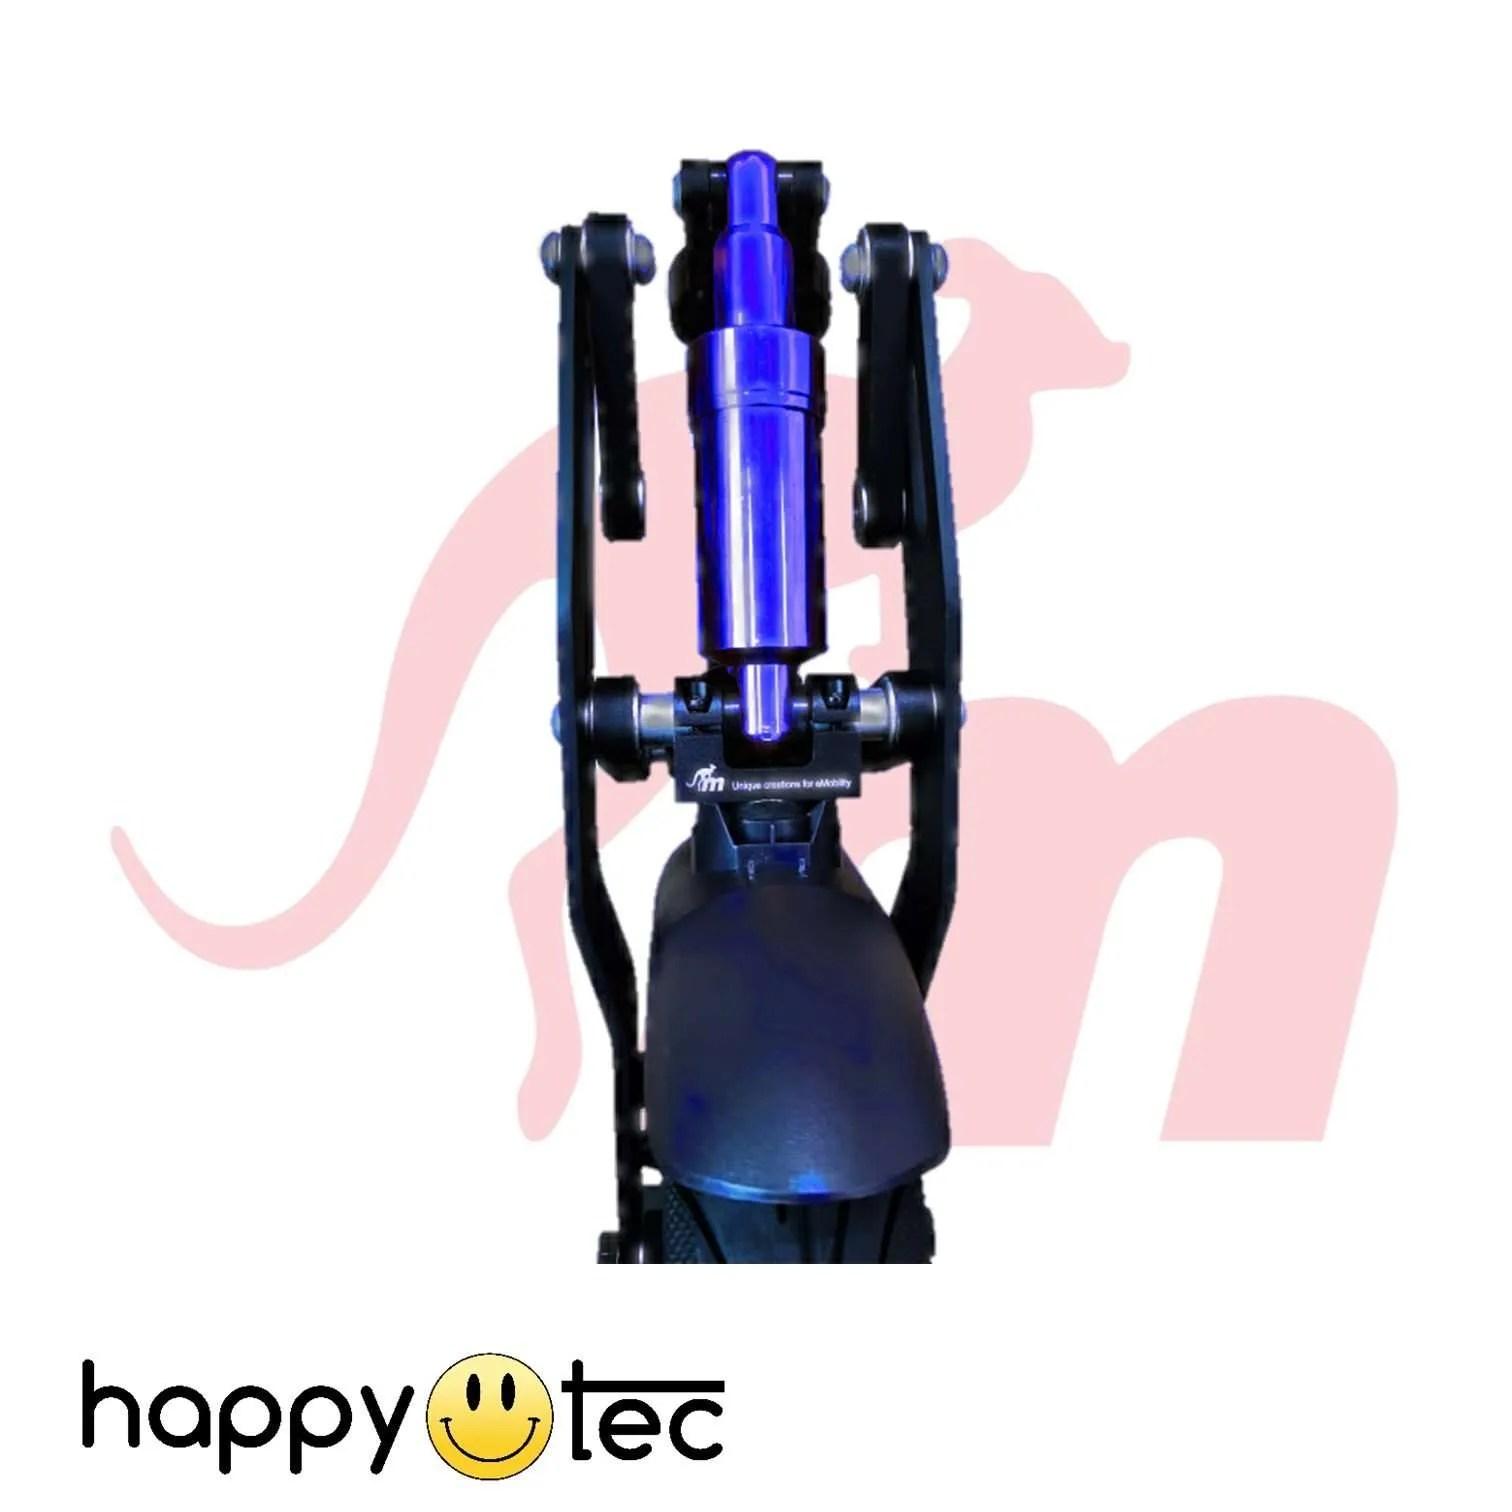 Ninebot-G30-Max-Ammortizzatore-anteriore-V3-by-Monorim-Nero-e-Blu ricambi accessori riparazione assistenza tecnica monopattini elettrici monorim